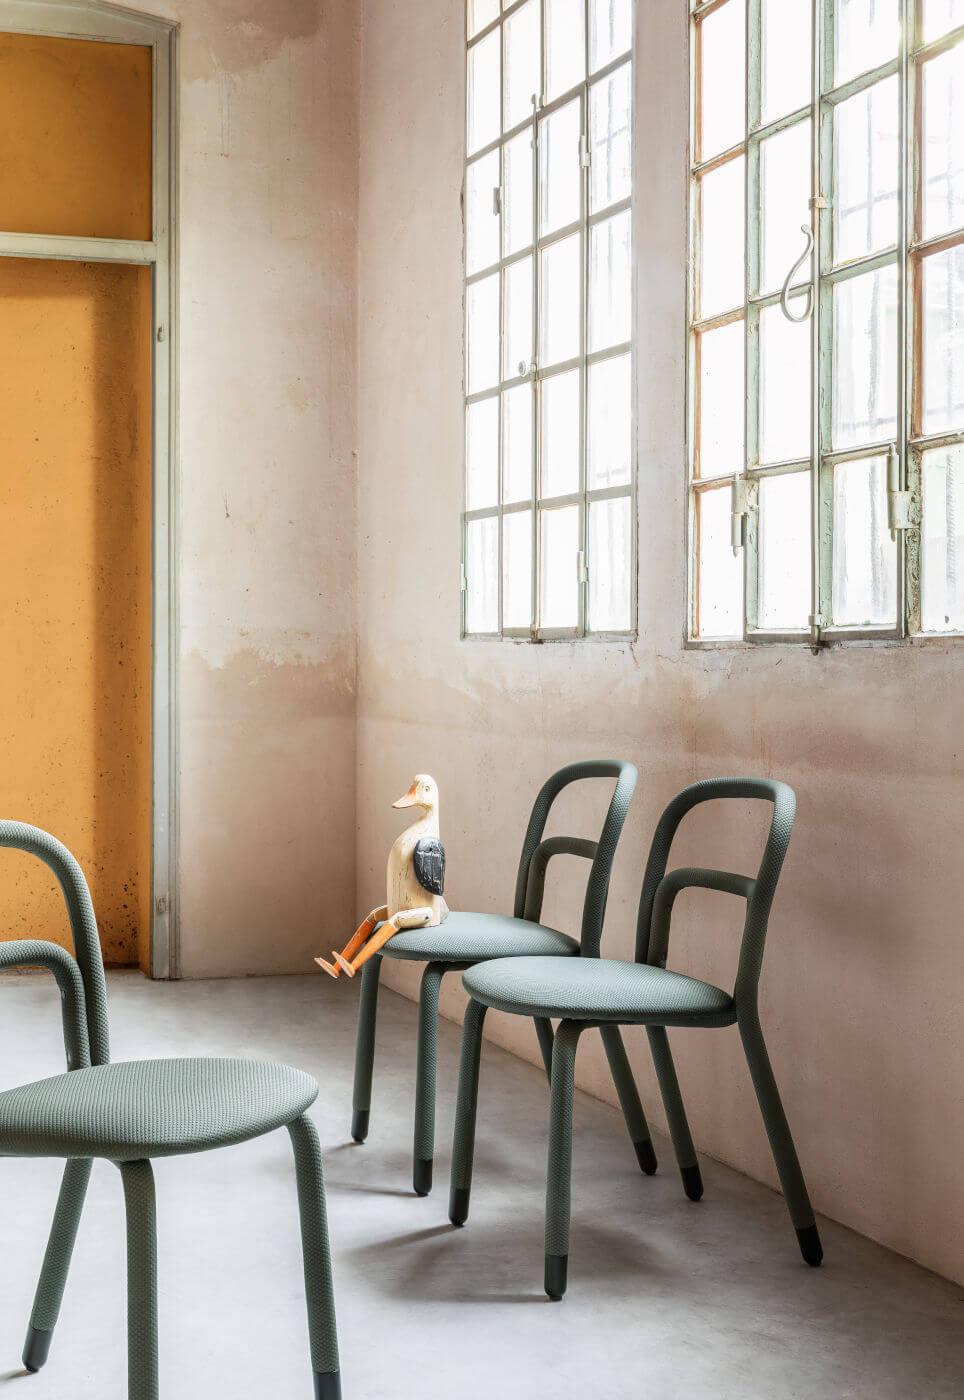 Midj (RU) Обеденный стул Pippi S R_TS от итальянского производителя Midj